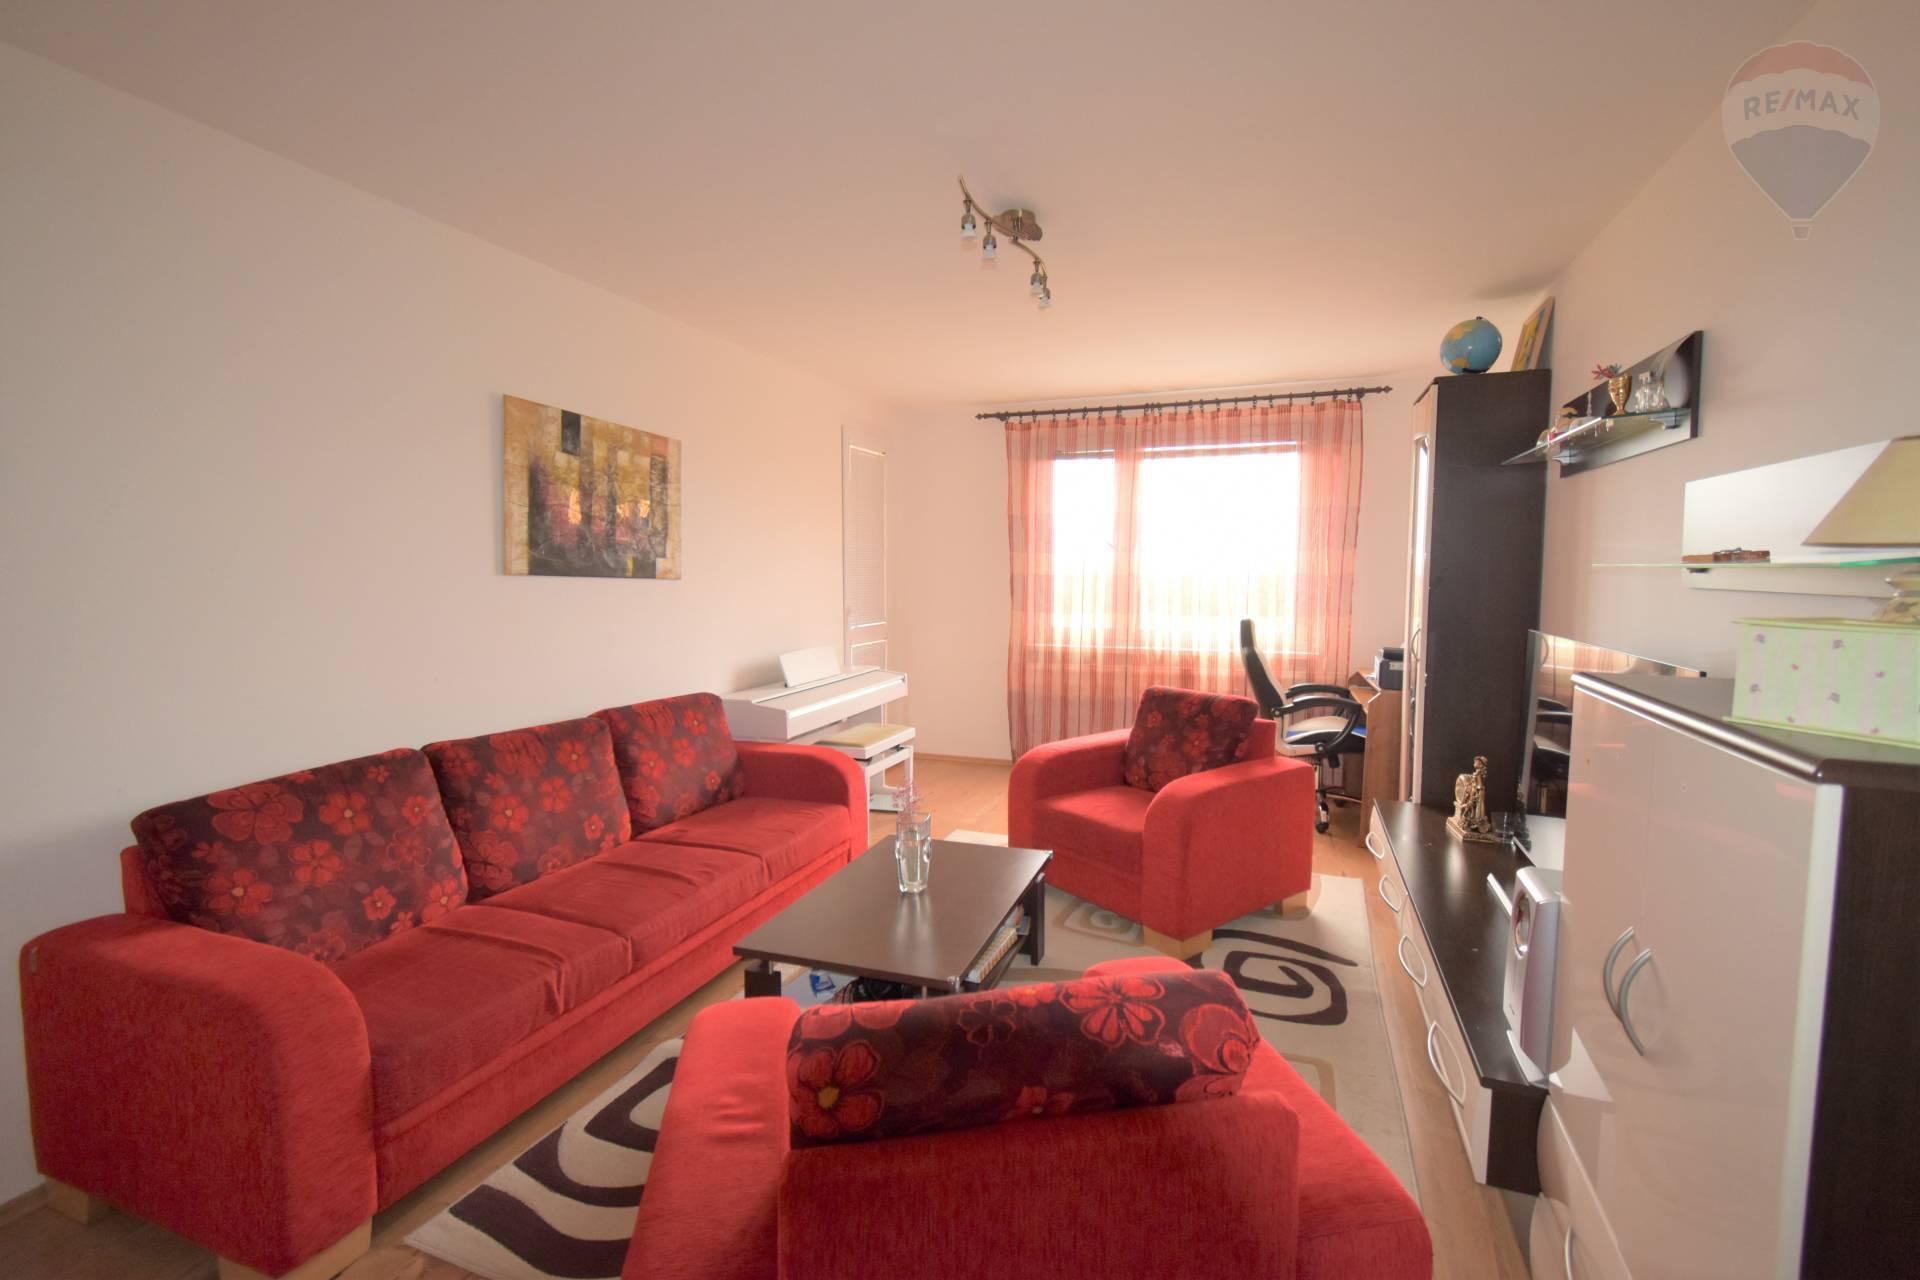 Predaj: 3 izbový byt, Dunajská Streda, 70 m2, Rybný trh, čiastočná rekonštrukcia